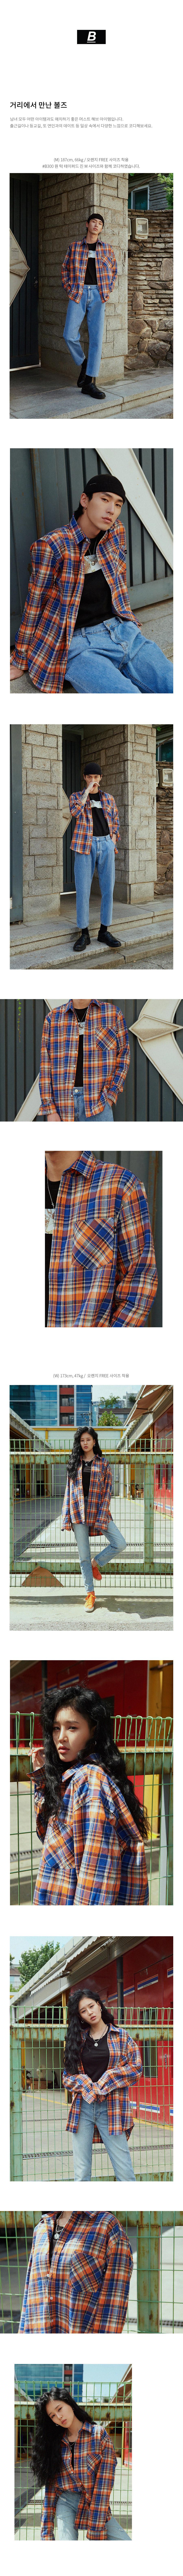 볼즈(BOWLS) 스탠다드 셔츠 [오렌지]